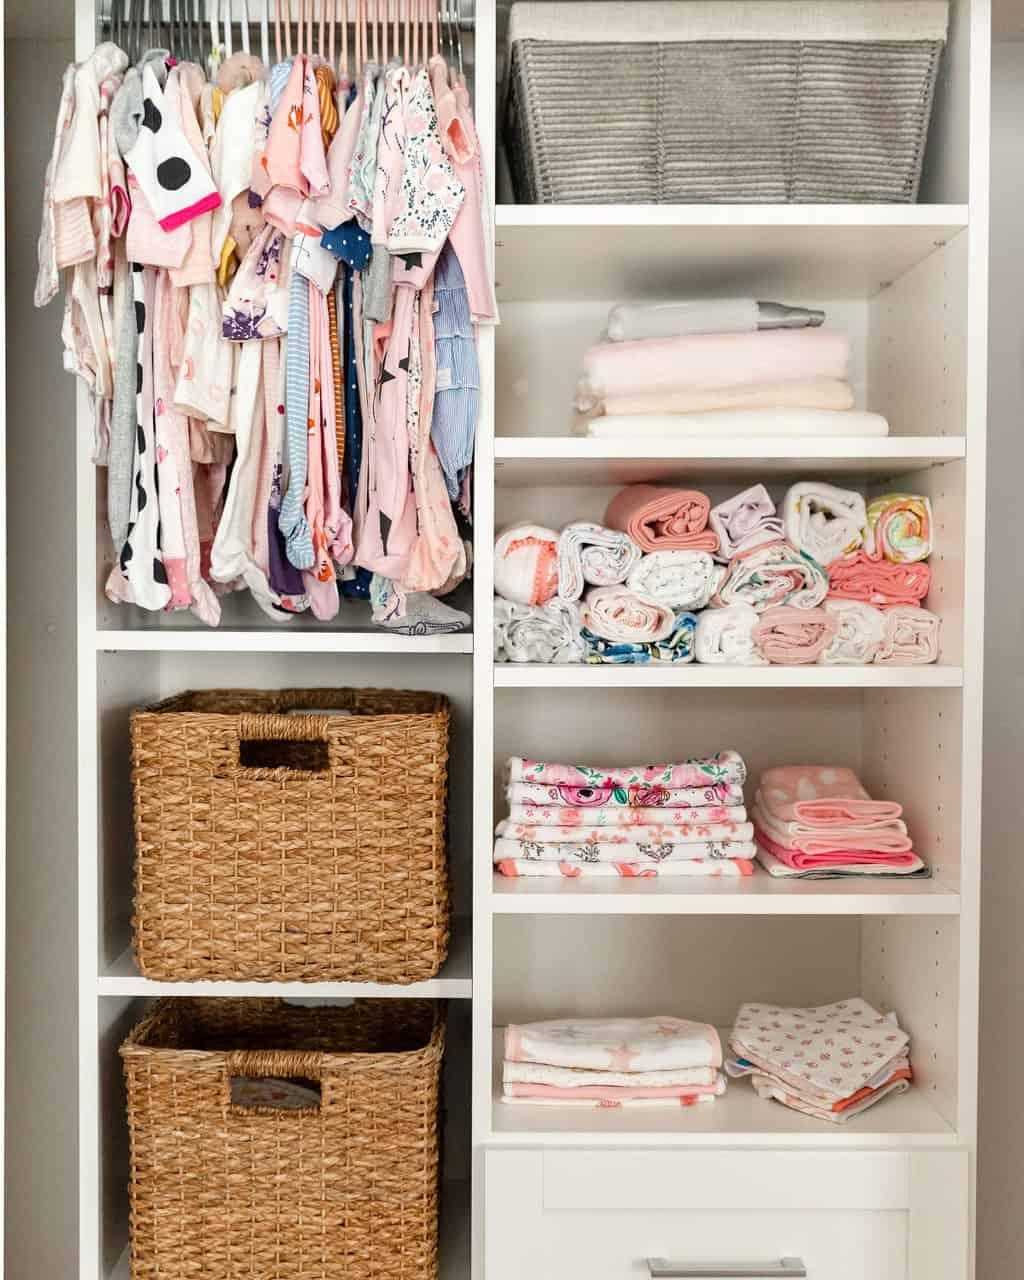 How I Designed and Organized Our Nursery Closet With California Closets